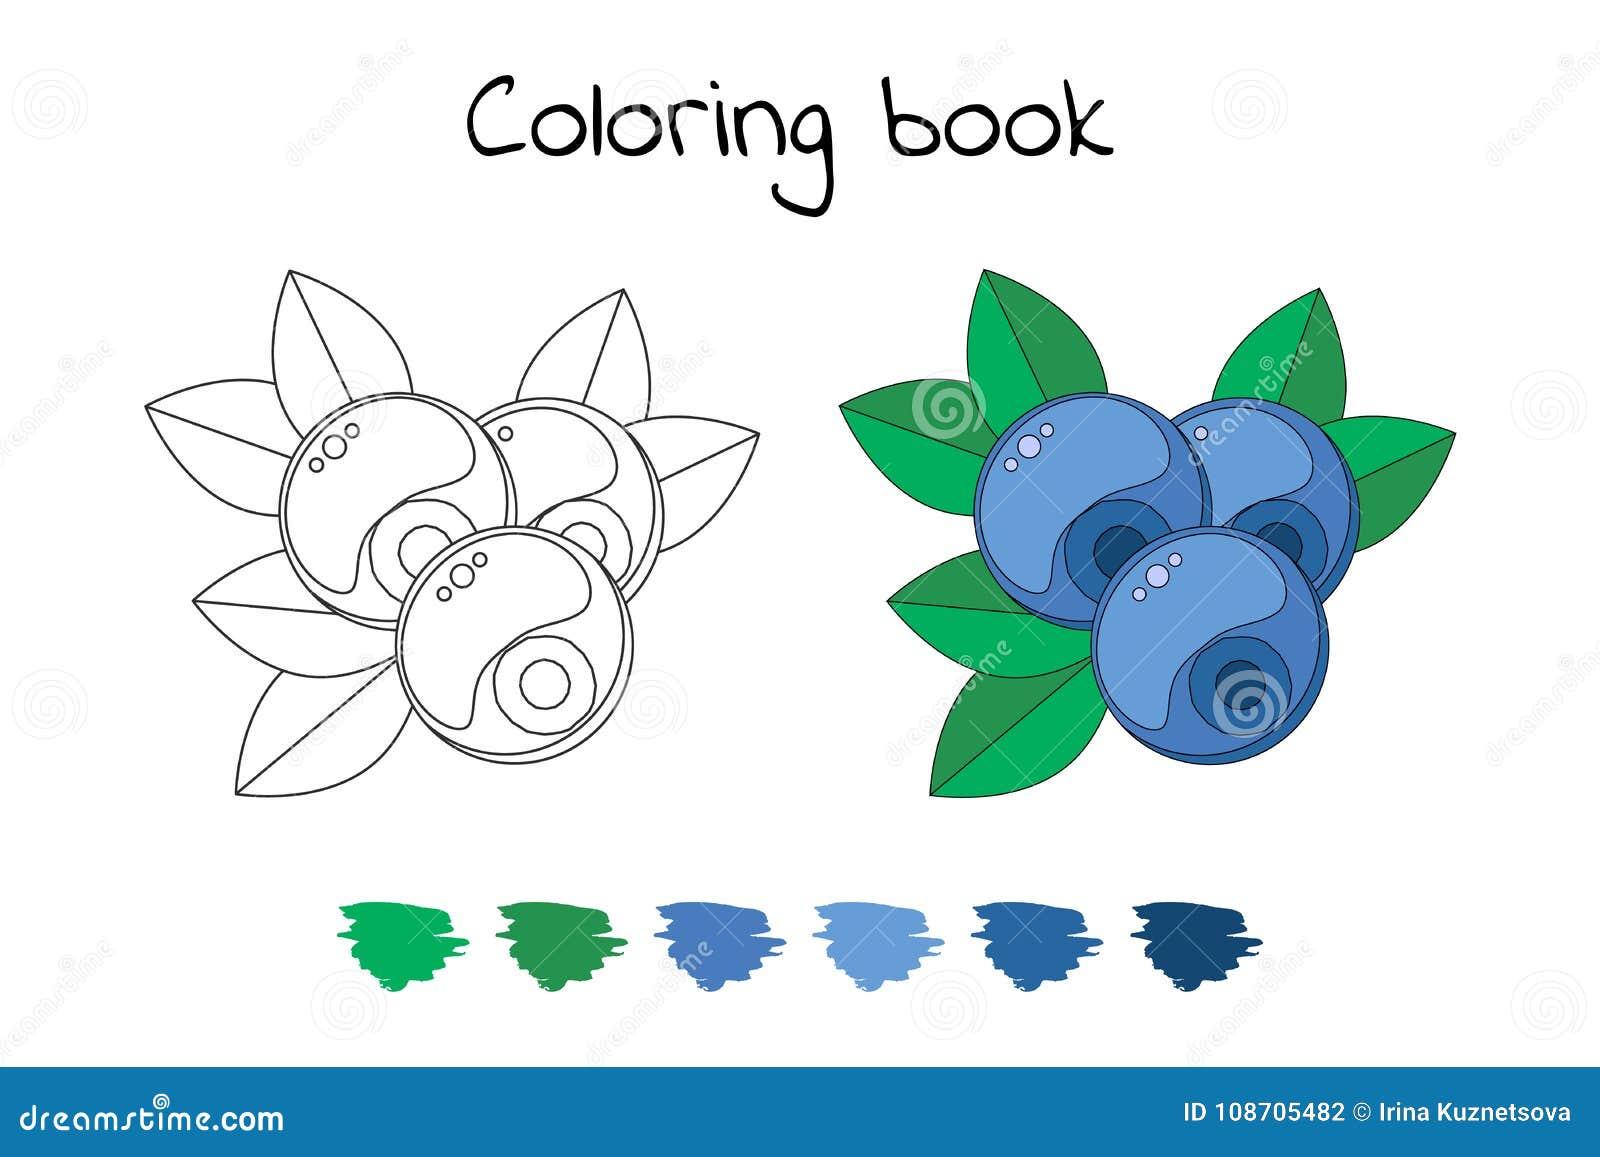 книжка раскраска для детей иллюстрация вектора голубики Bi